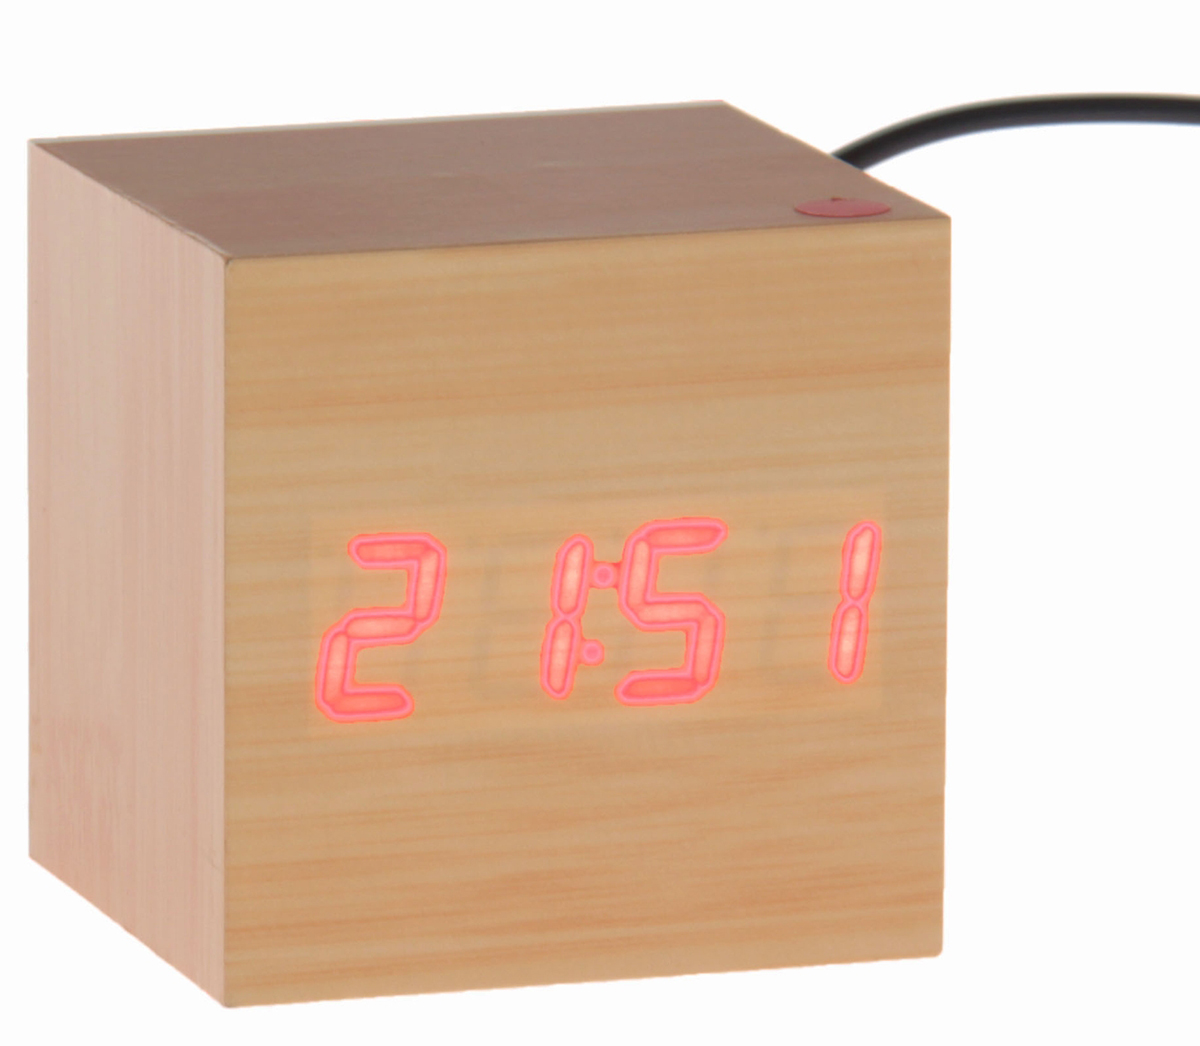 Часы-будильник Luazon Home Деревянный кубик. 749637749637Будильник прикол Деревянный кубик станет стильным акцентом в любом современном интерьере. Оригинальный дизайн в виде деревянного куба, внутри которого установлен голубой проекционный дисплей, выделит эту вещь из общей массы. Часы максимально функциональны, имеют встроенный будильник, три режима отображения (время, месяц, день и температура). Они станут прекрасным подарком для ценителей всего необычного.